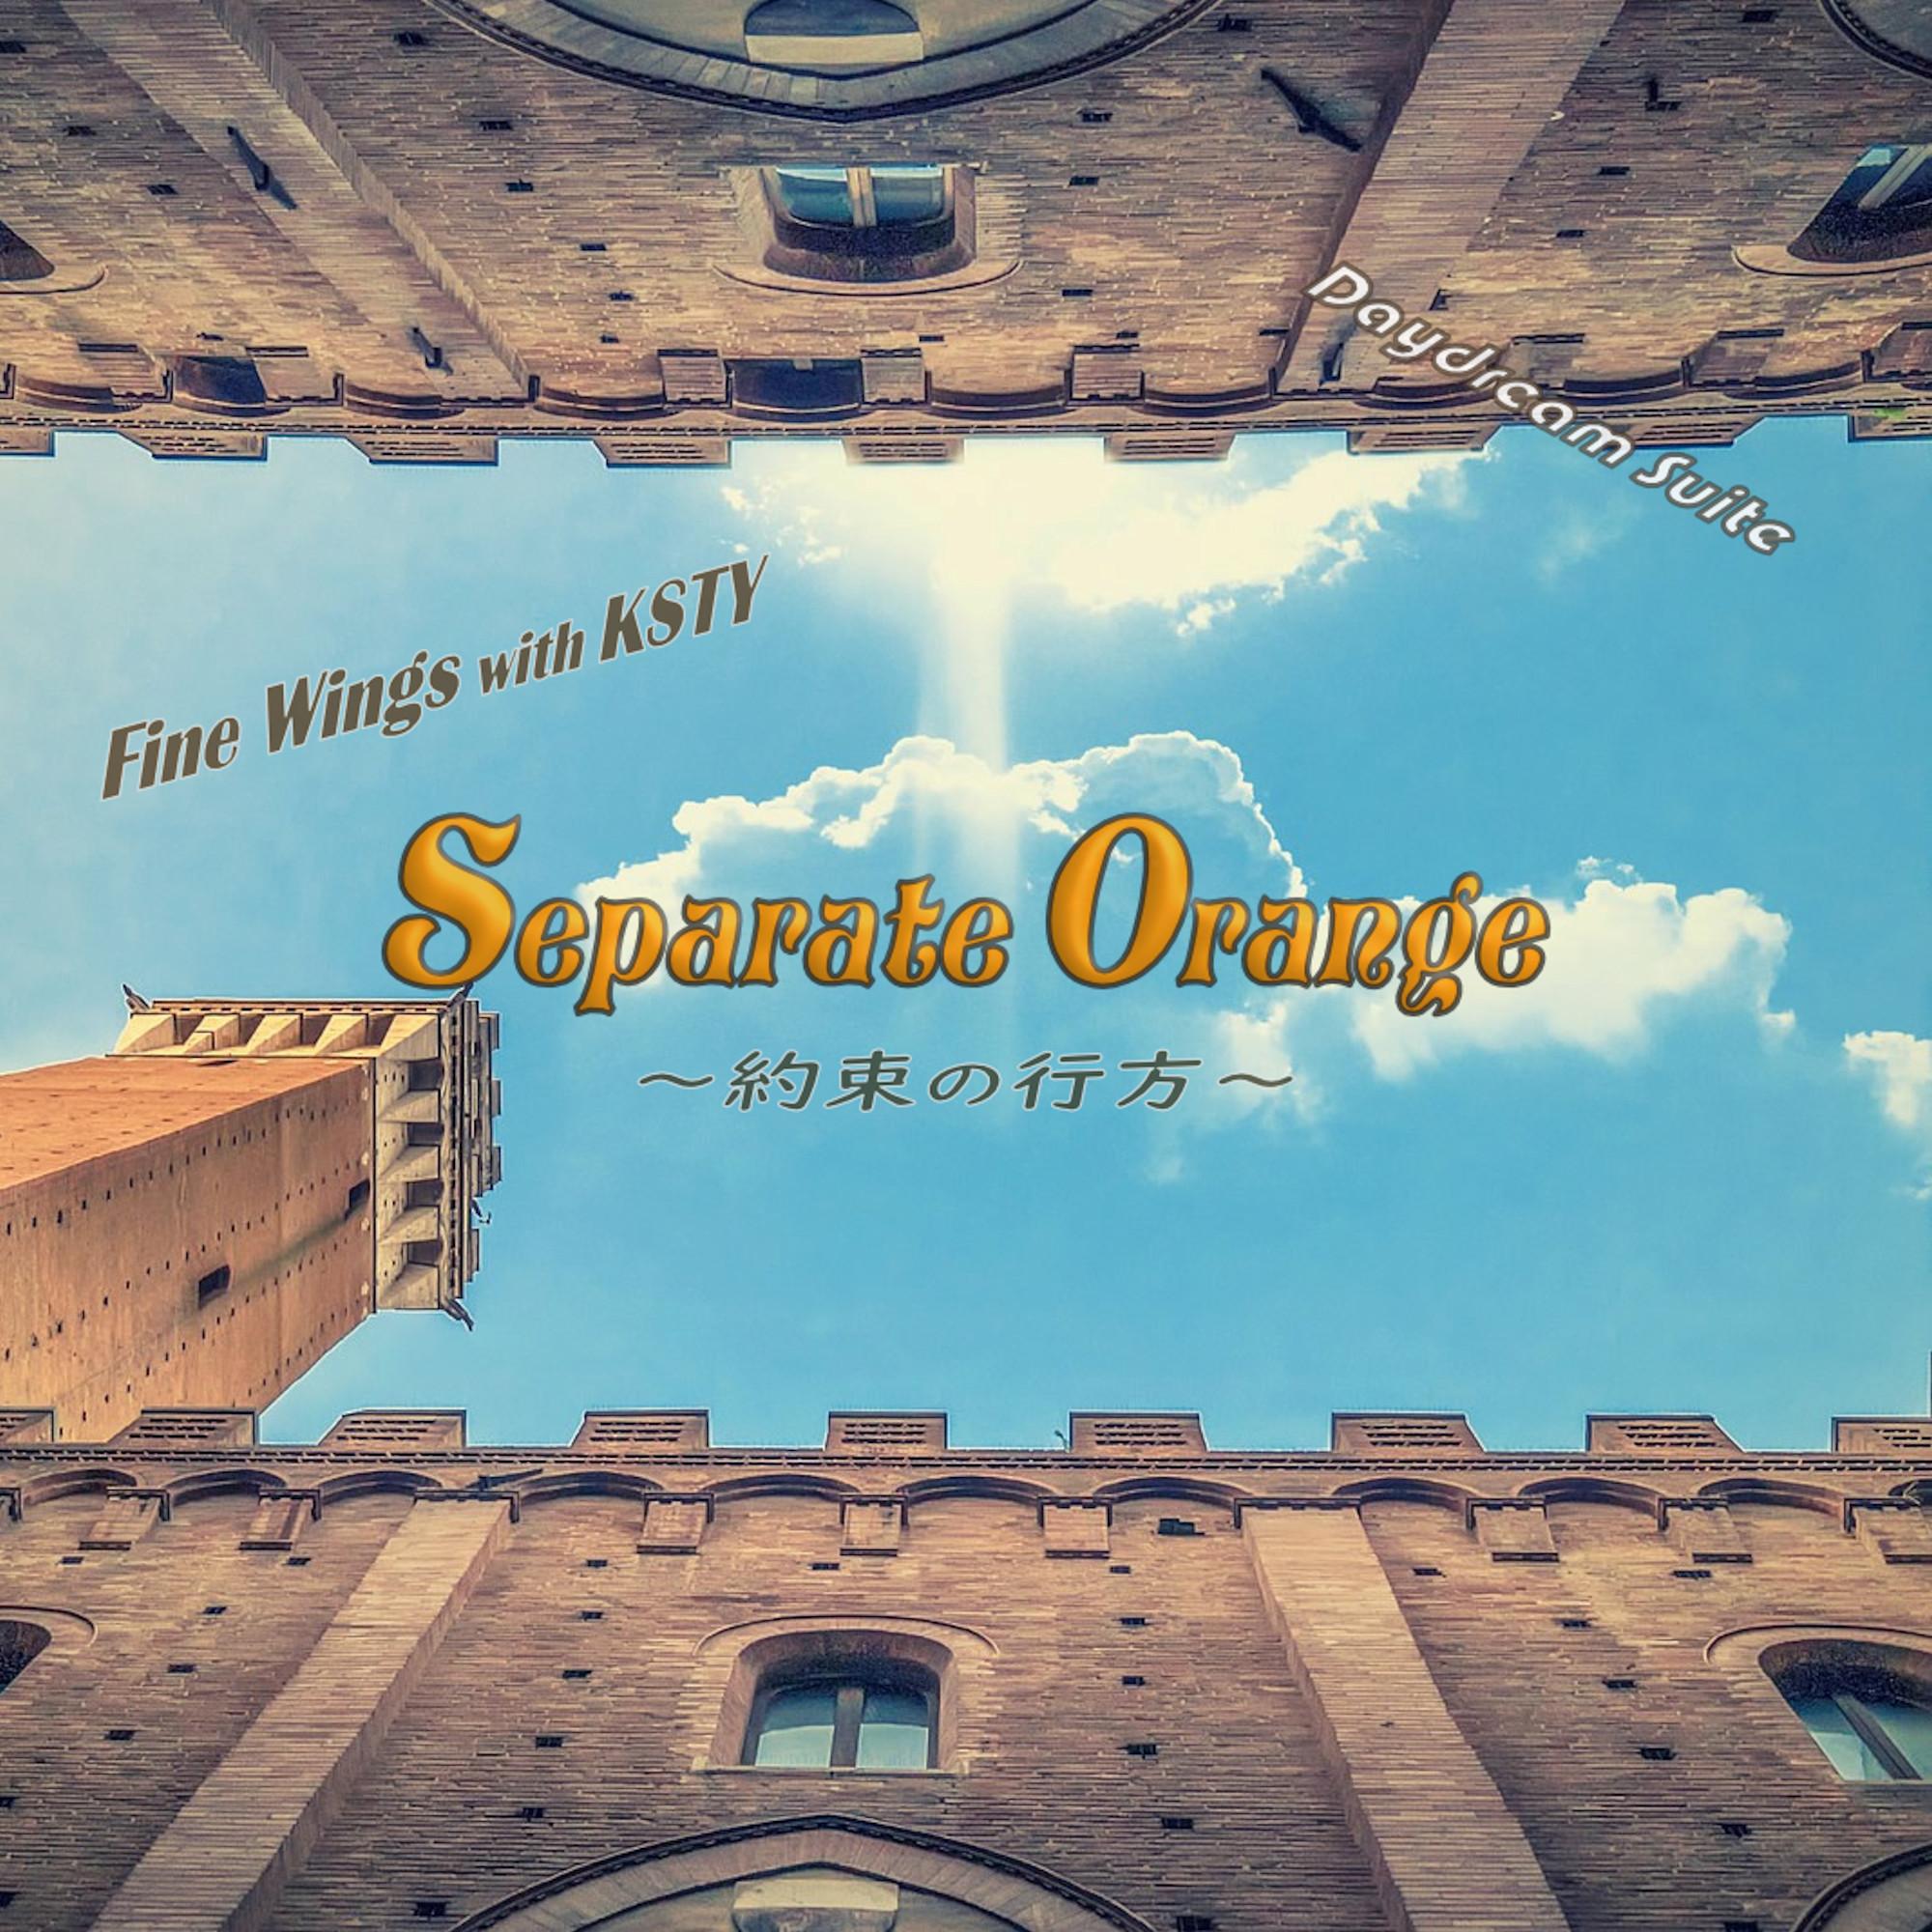 Separate Orange